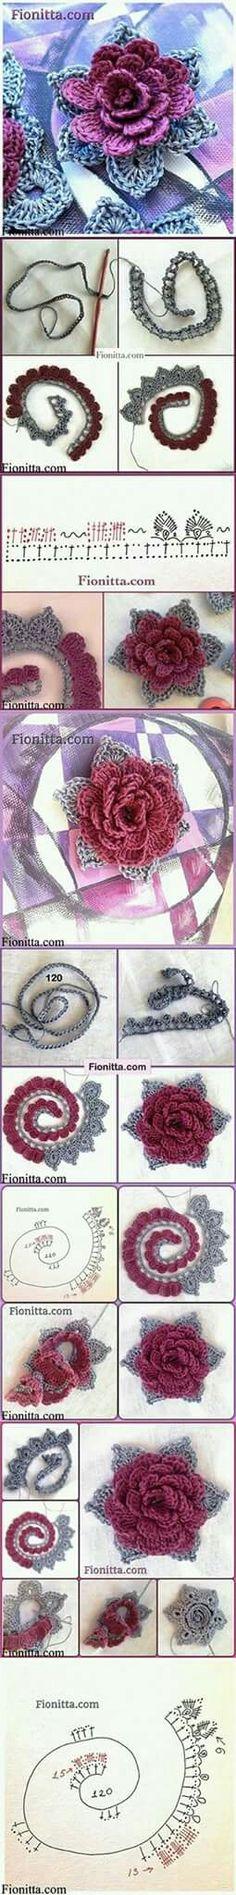 Crochet flower, bloem roos haken, patern, patroon